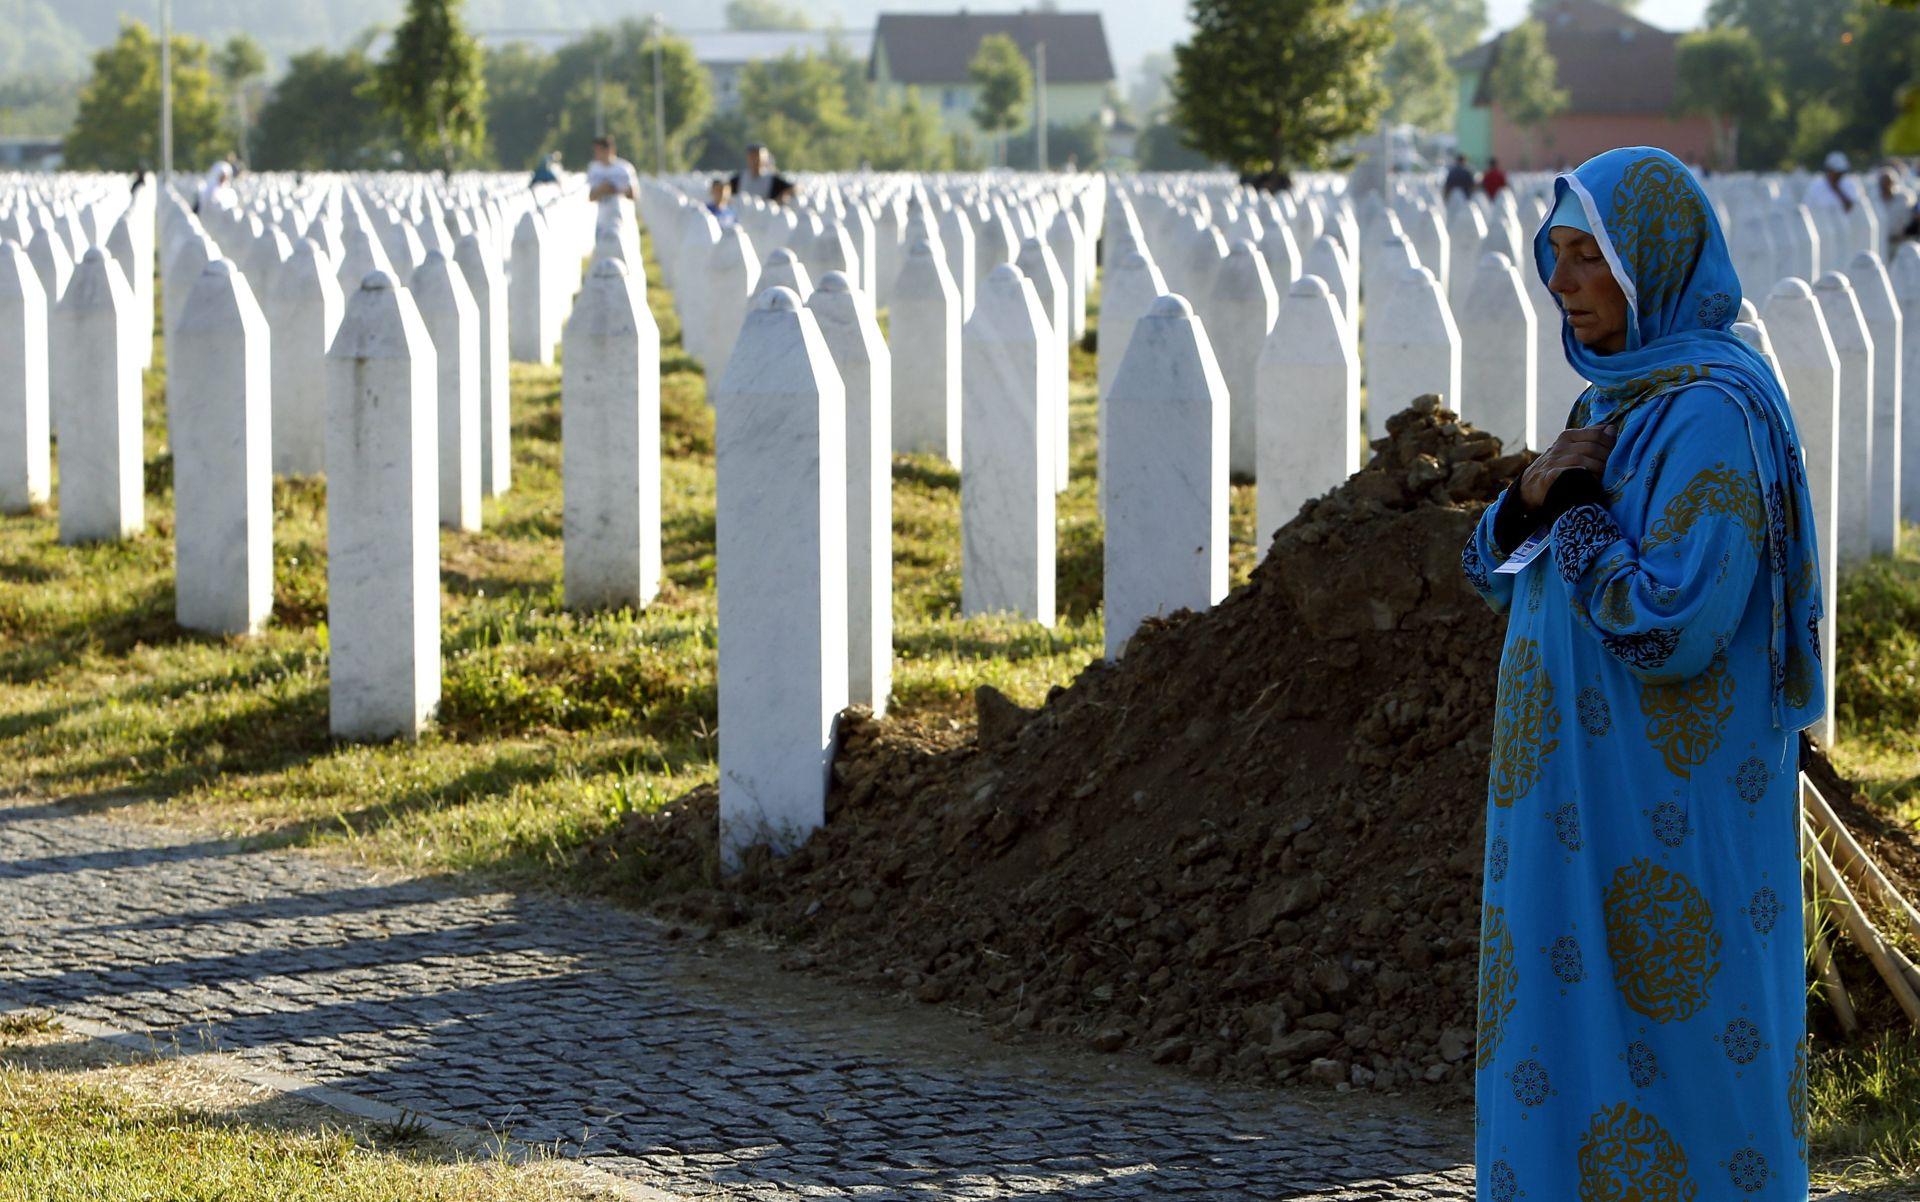 BIH Posmrtni ostaci 35 žrtava genocida ispraćeni u Srebrenicu